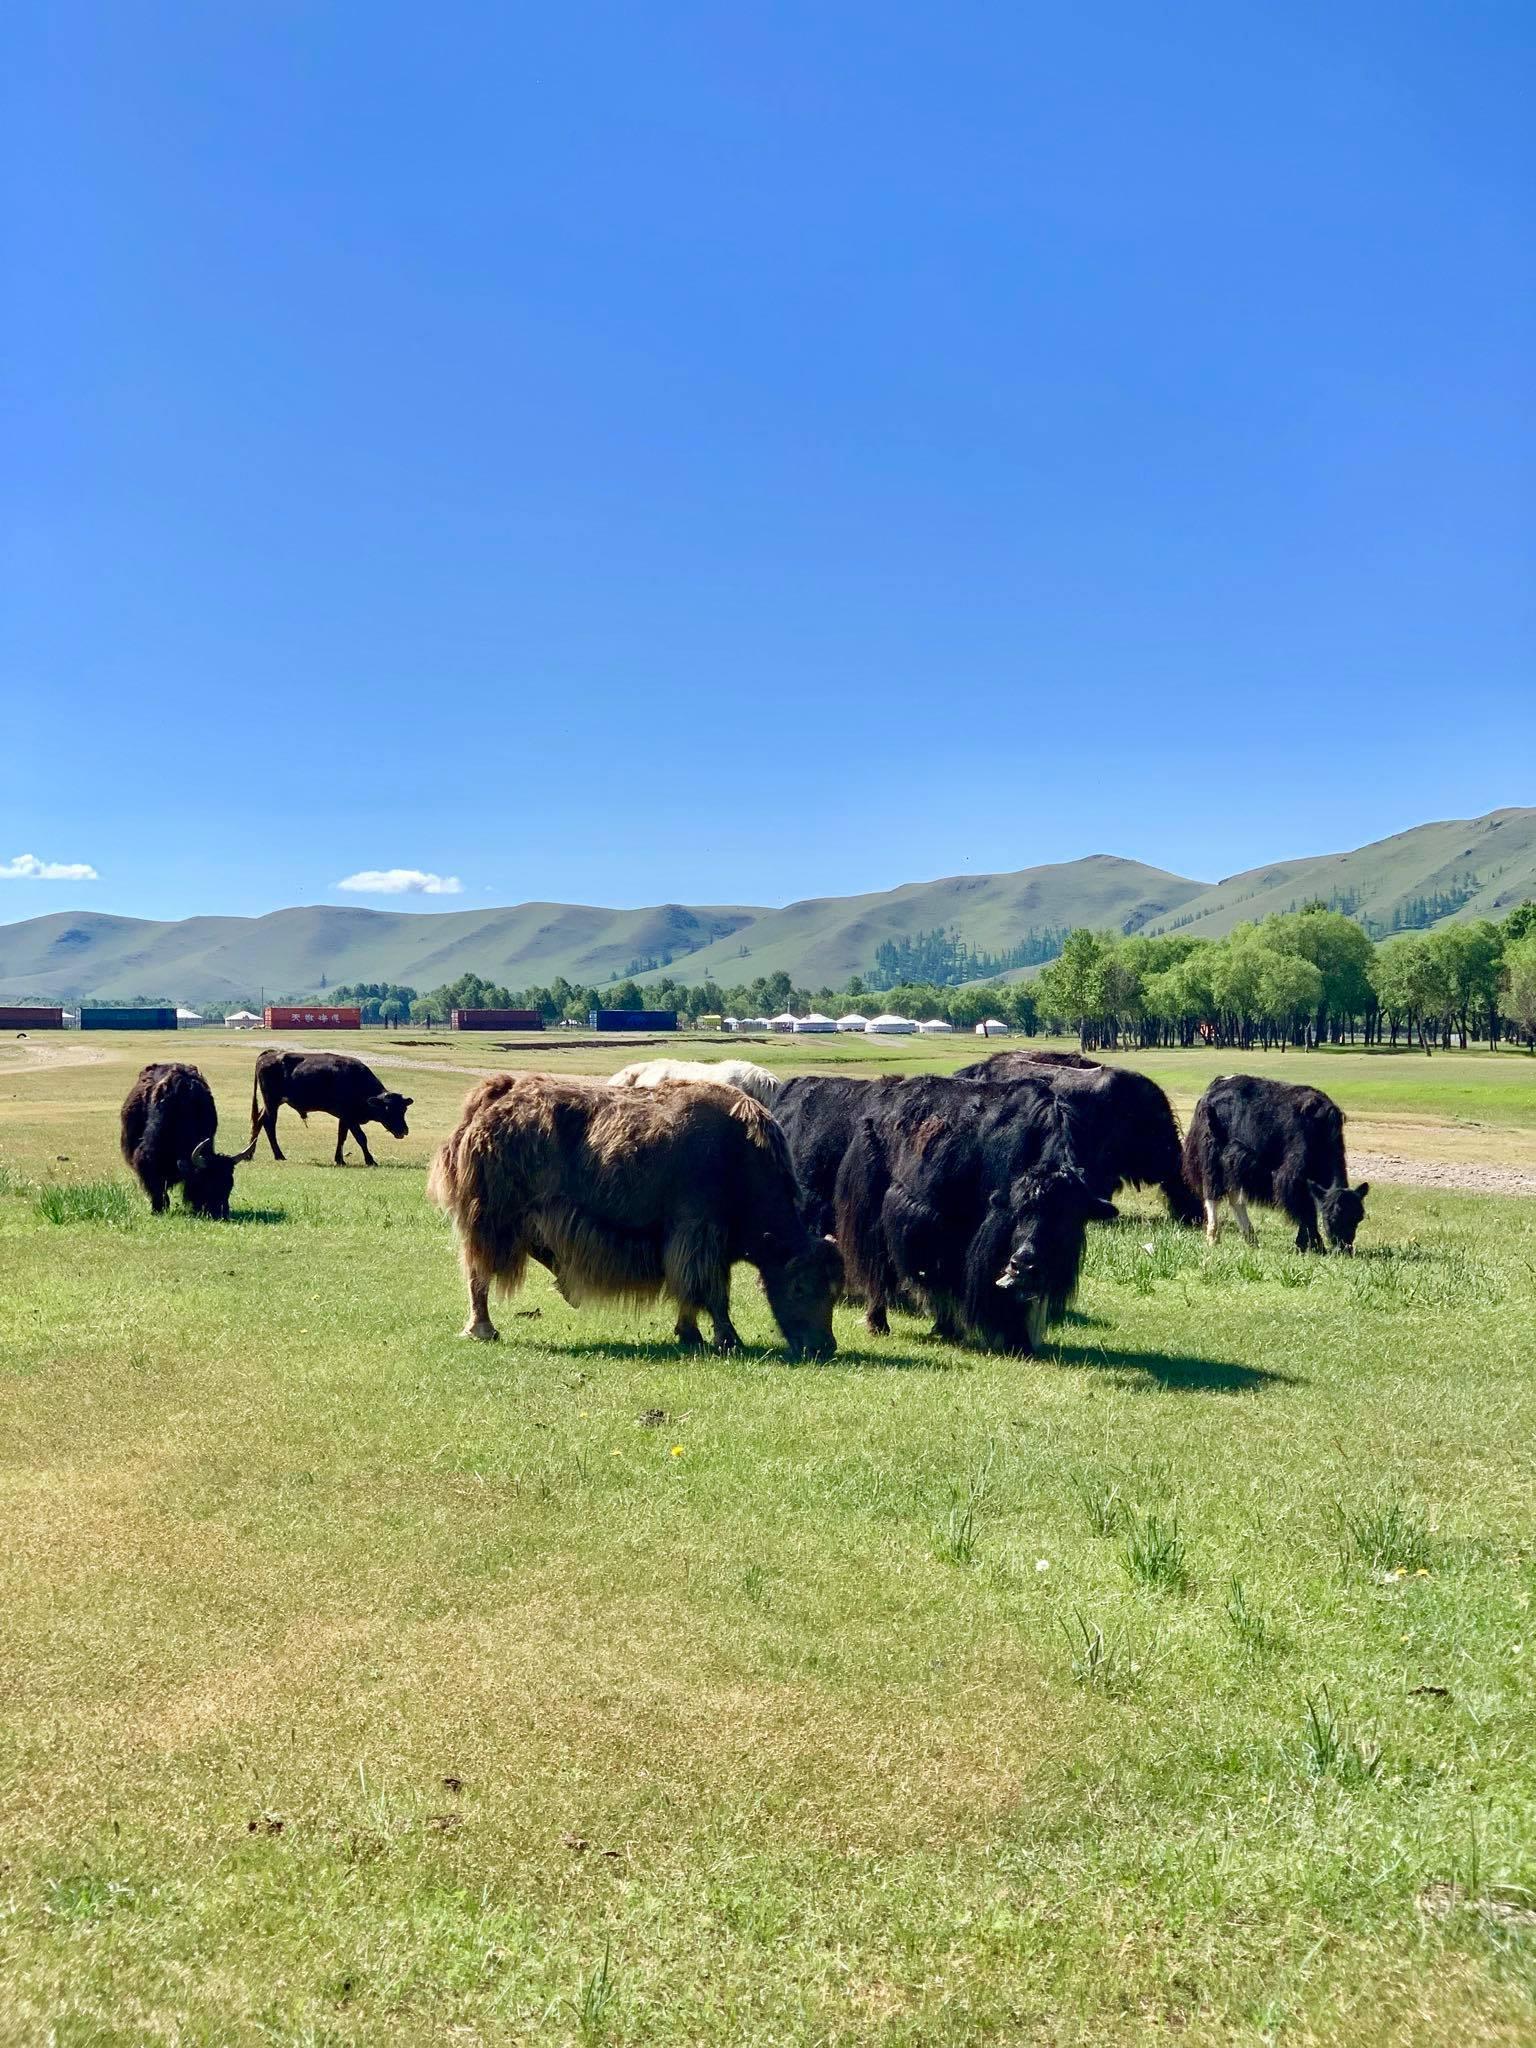 Kach Solo Travels in 2019 Nomadic family in Elsen Tasarkhai29.jpg